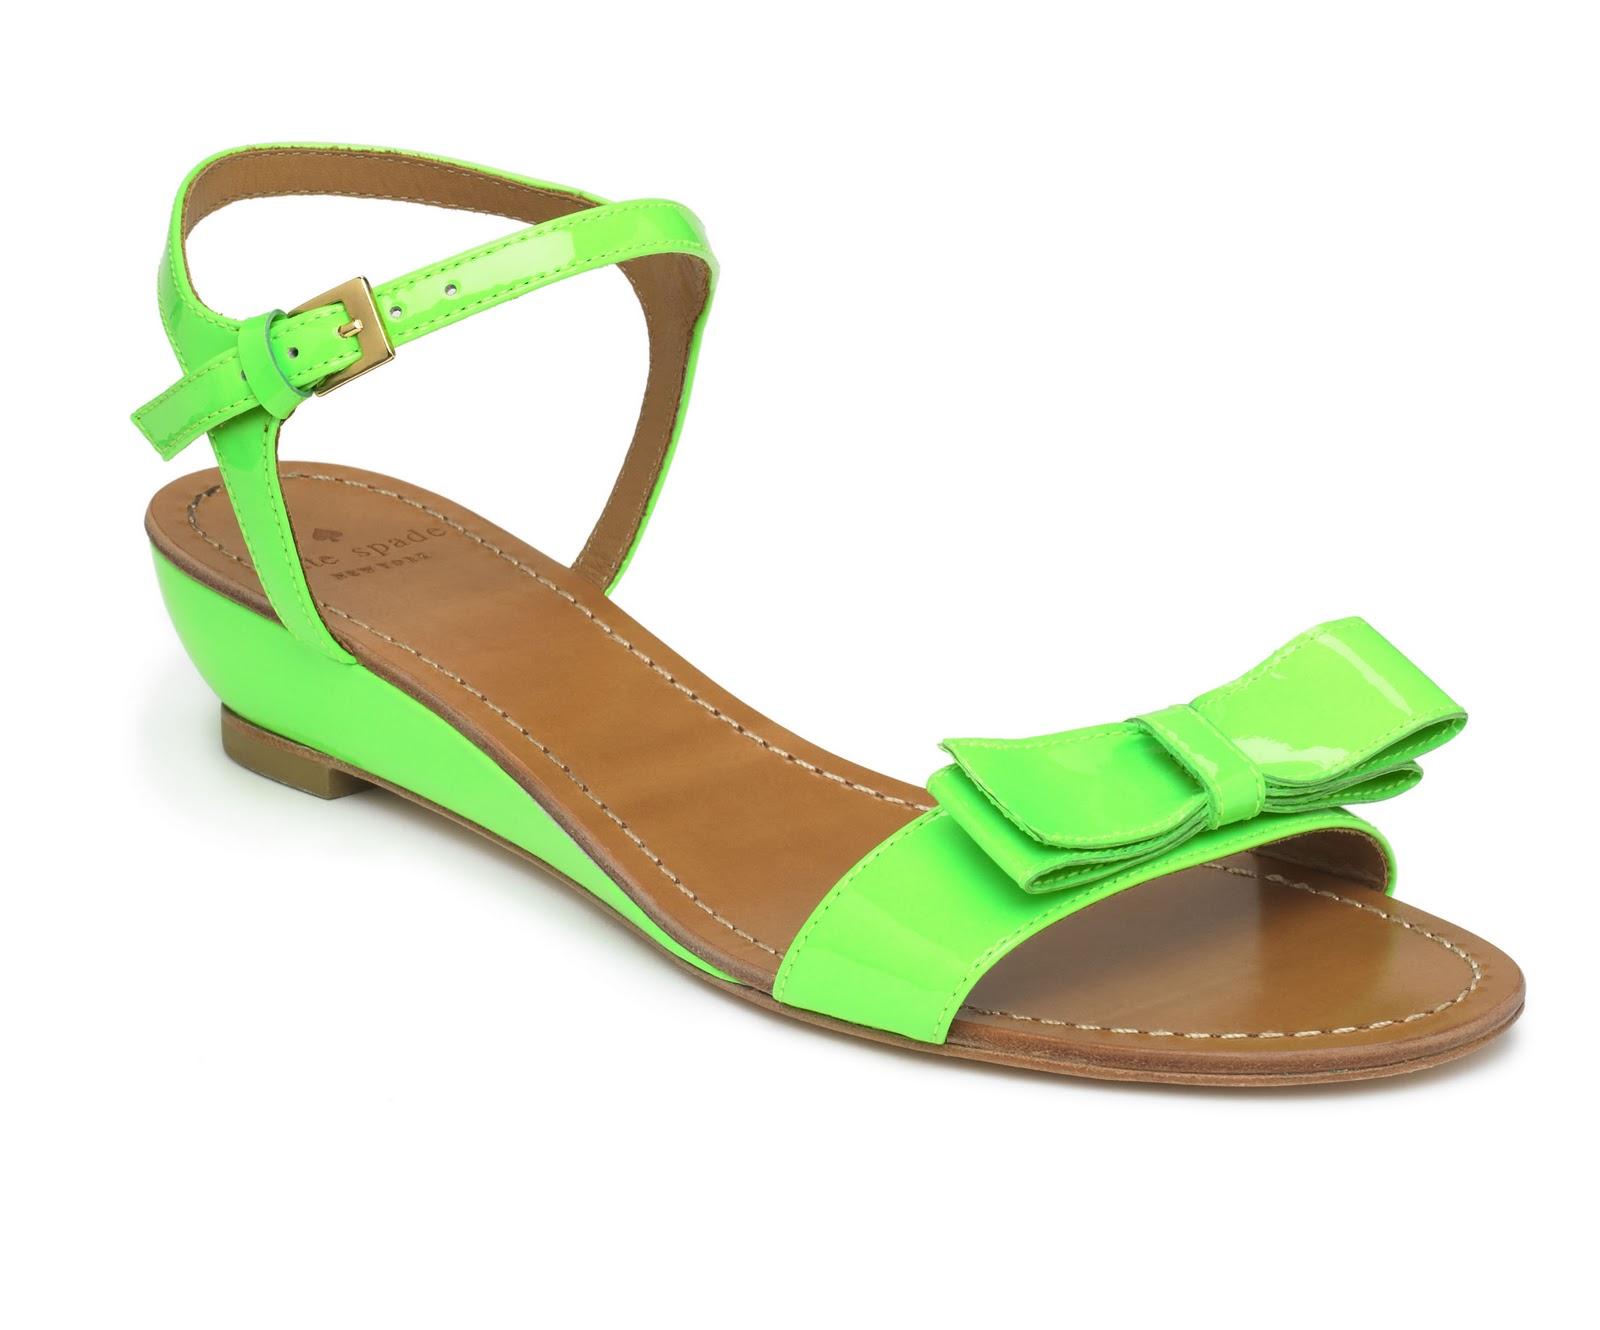 Chloe Flat Shoes Uk